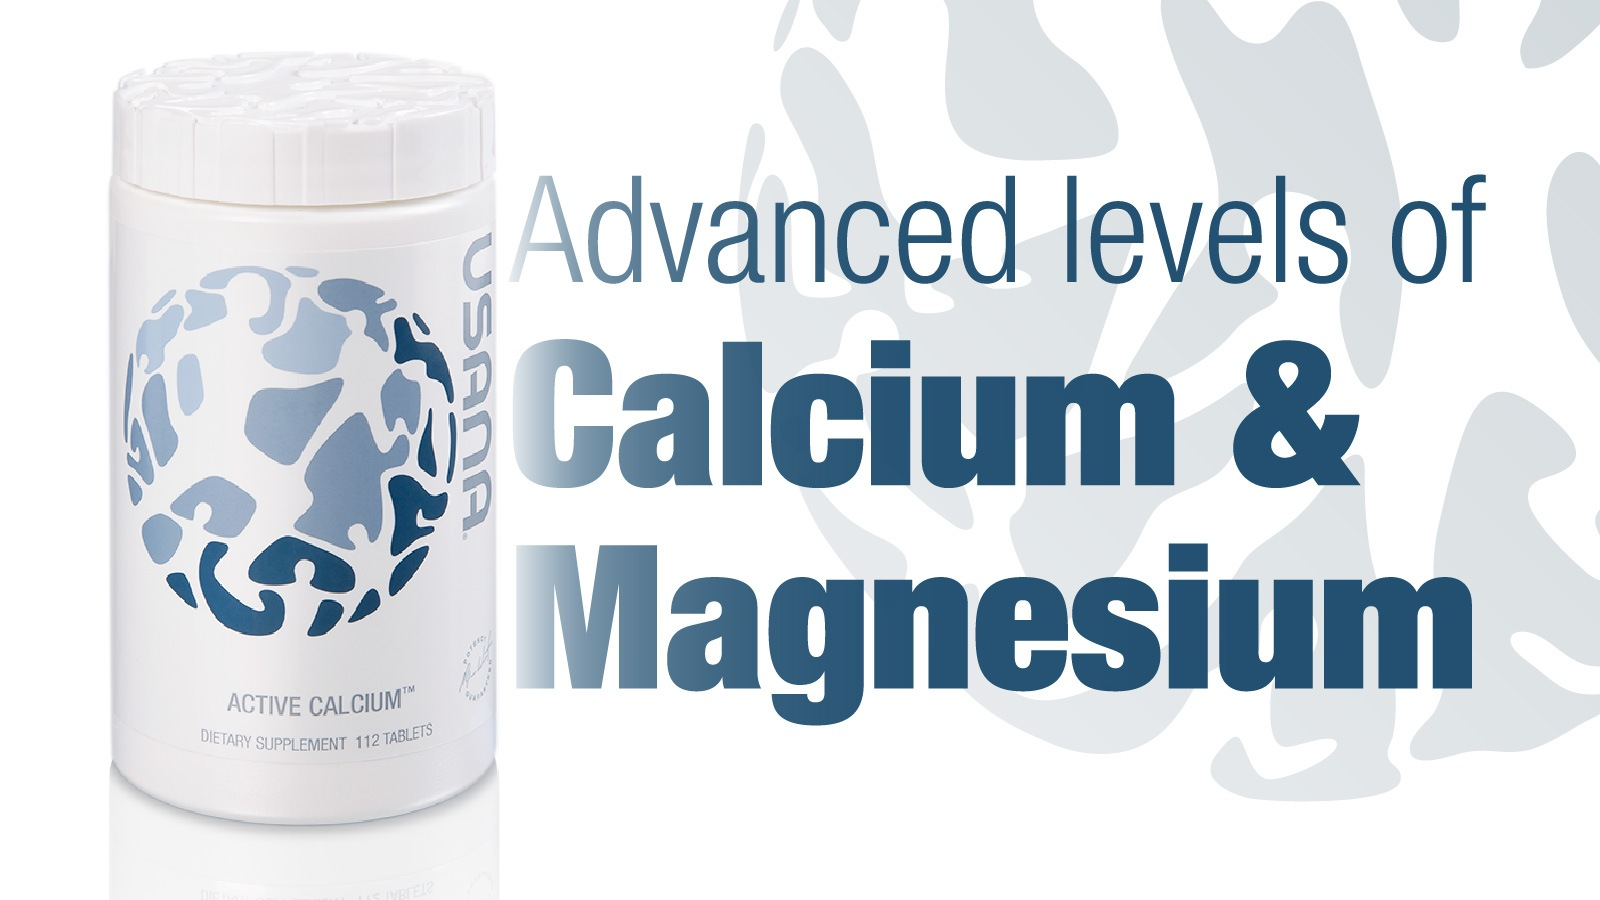 Active-Calcium-Feature1